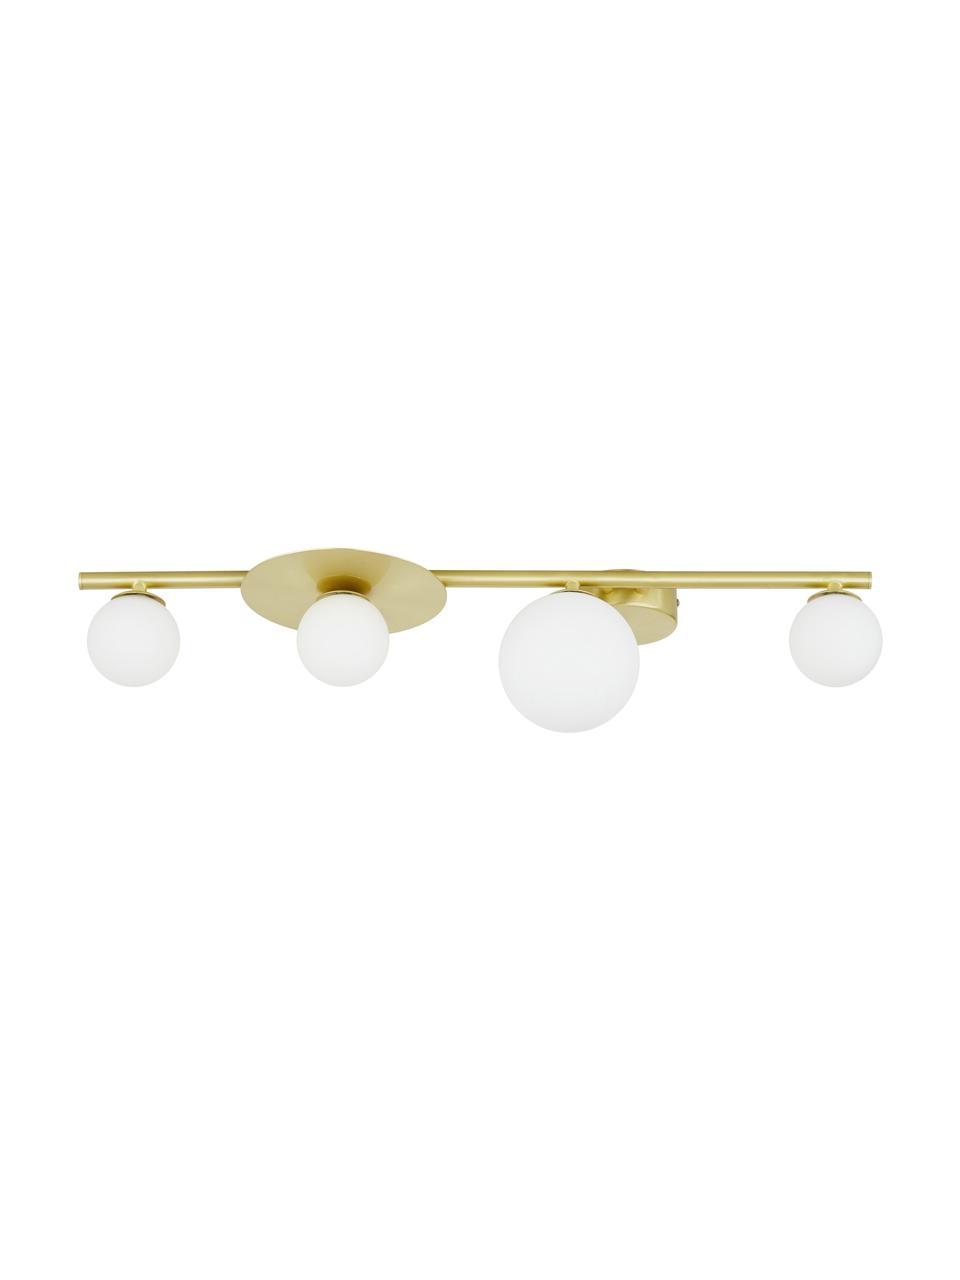 Deckenleuchte Ciara aus Opalglas, Baldachin: Metall, vermessingt, Baldachin und Fassung: Messing, mattLampenschirme: Weiss, 69 x 16 cm